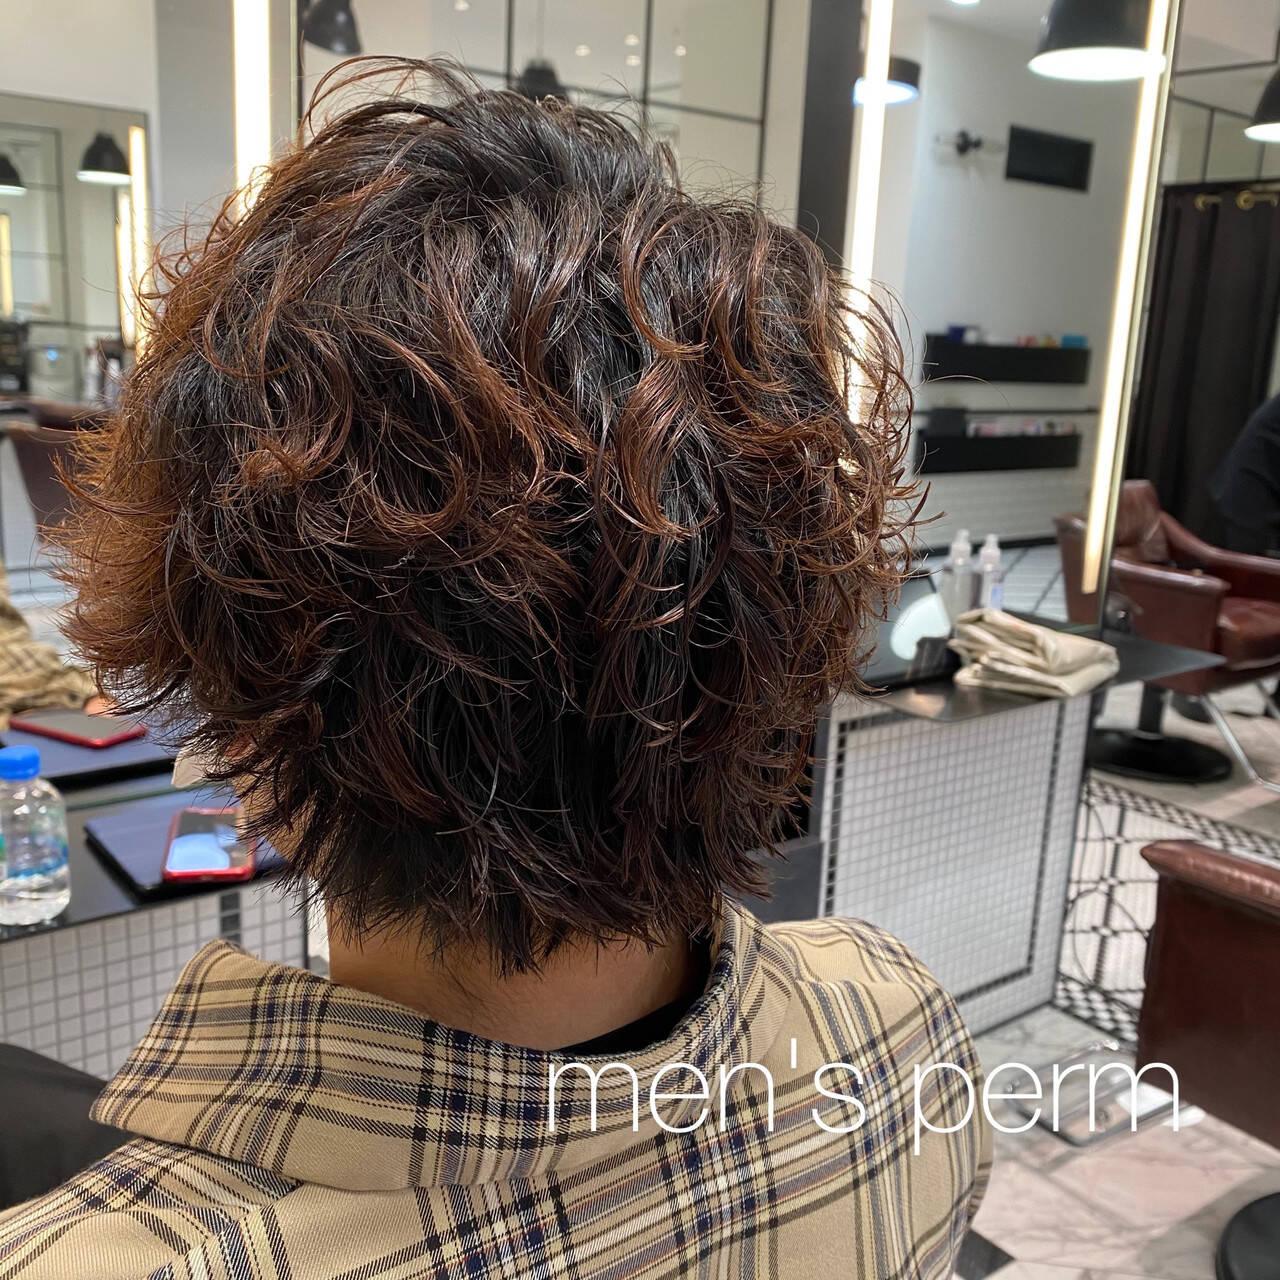 束感 ウルフカット ショート メンズパーマヘアスタイルや髪型の写真・画像